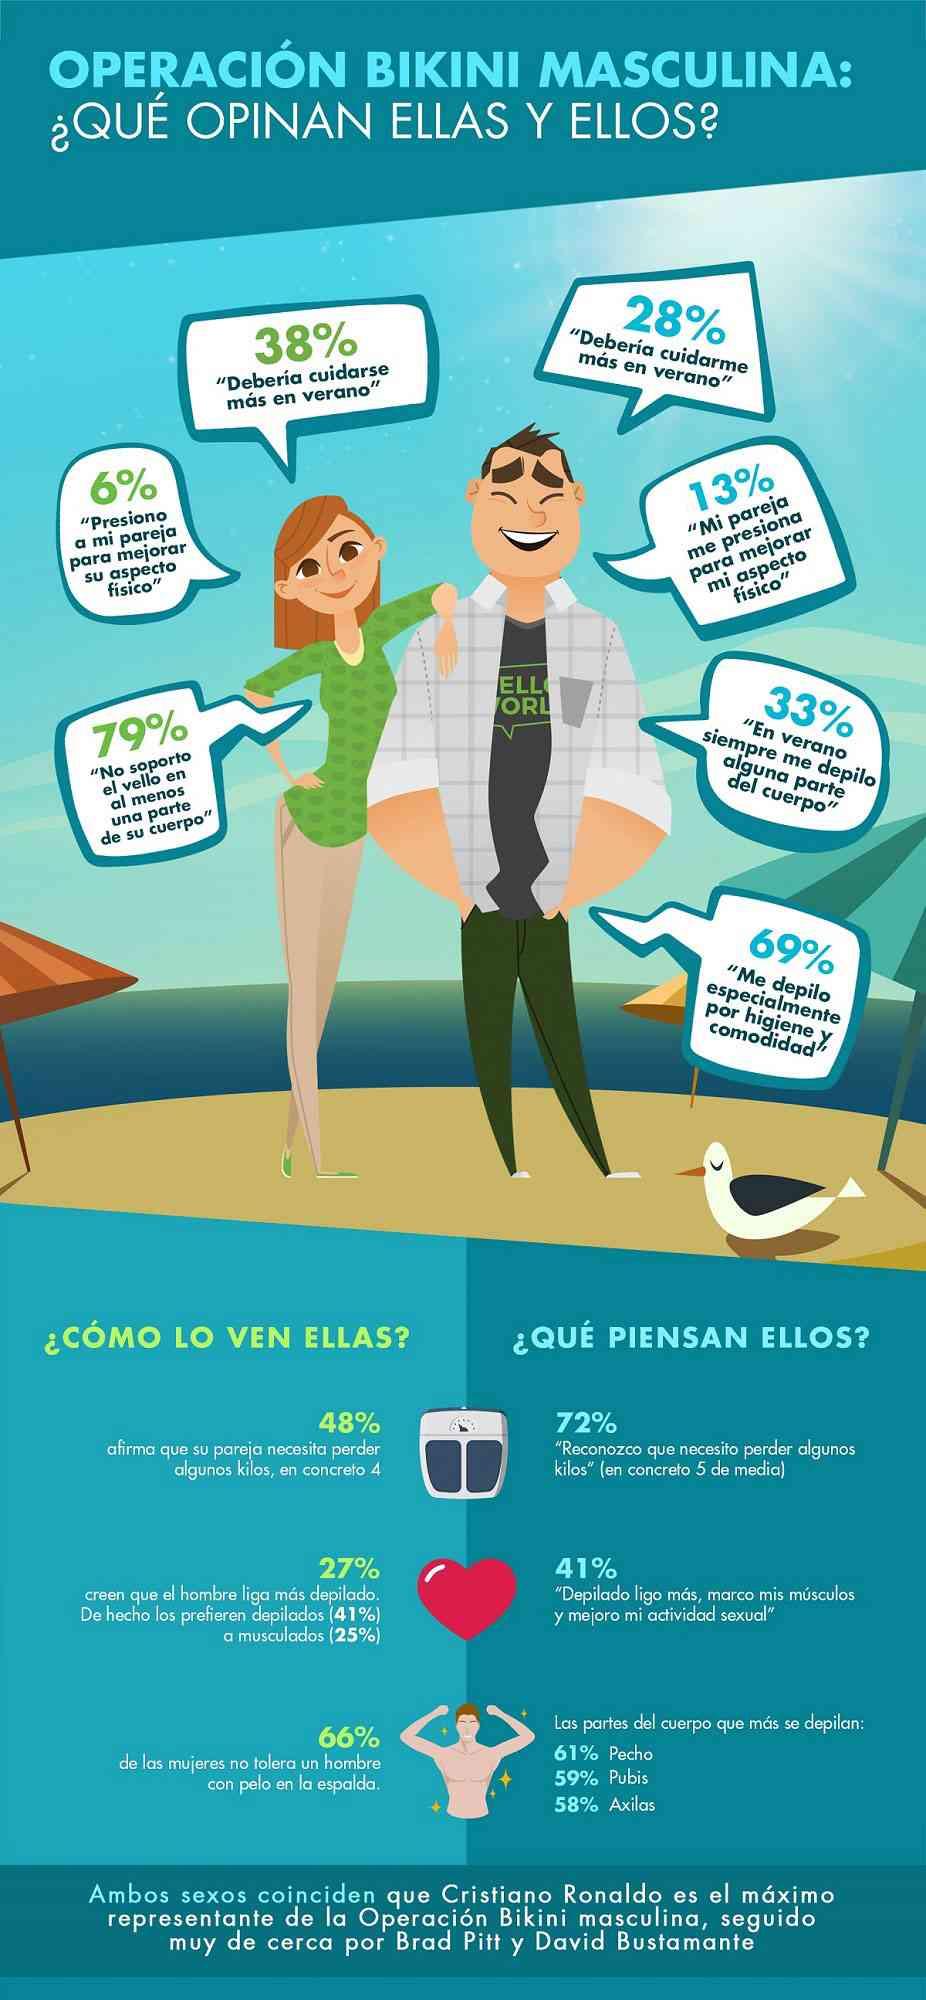 Infografía Operación masculina Qué opinan ellas y ellos